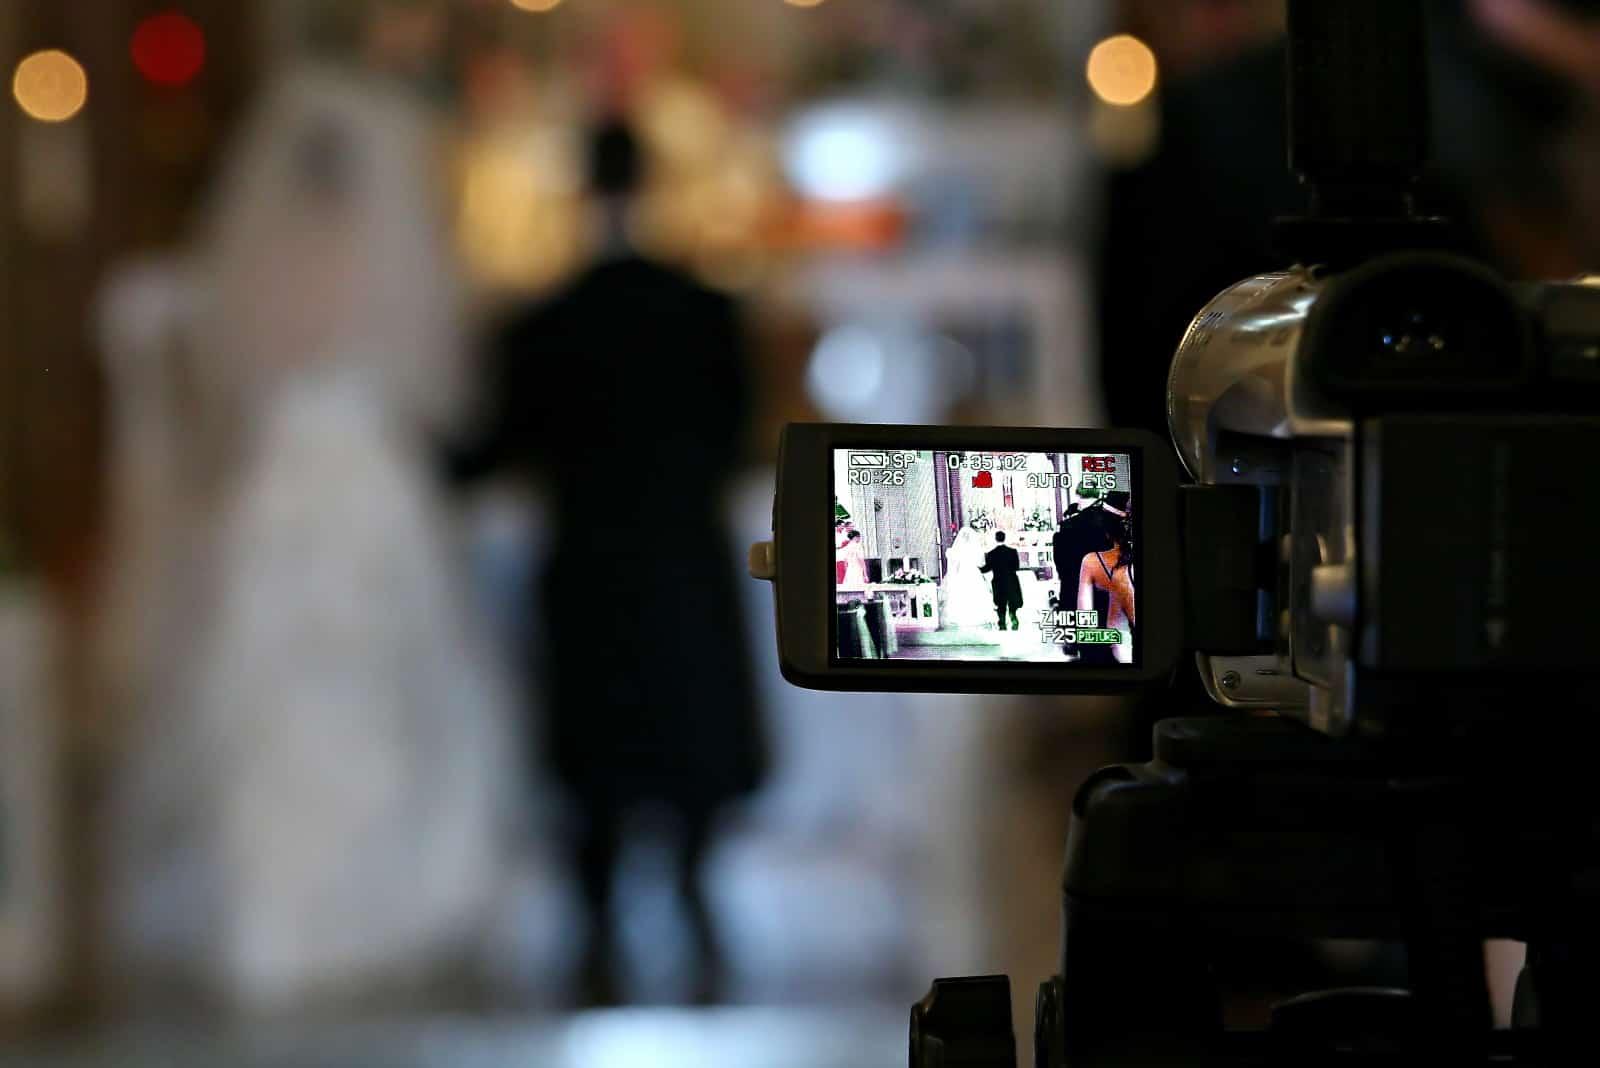 eine Kamera, die die Hochzeit aufzeichnet